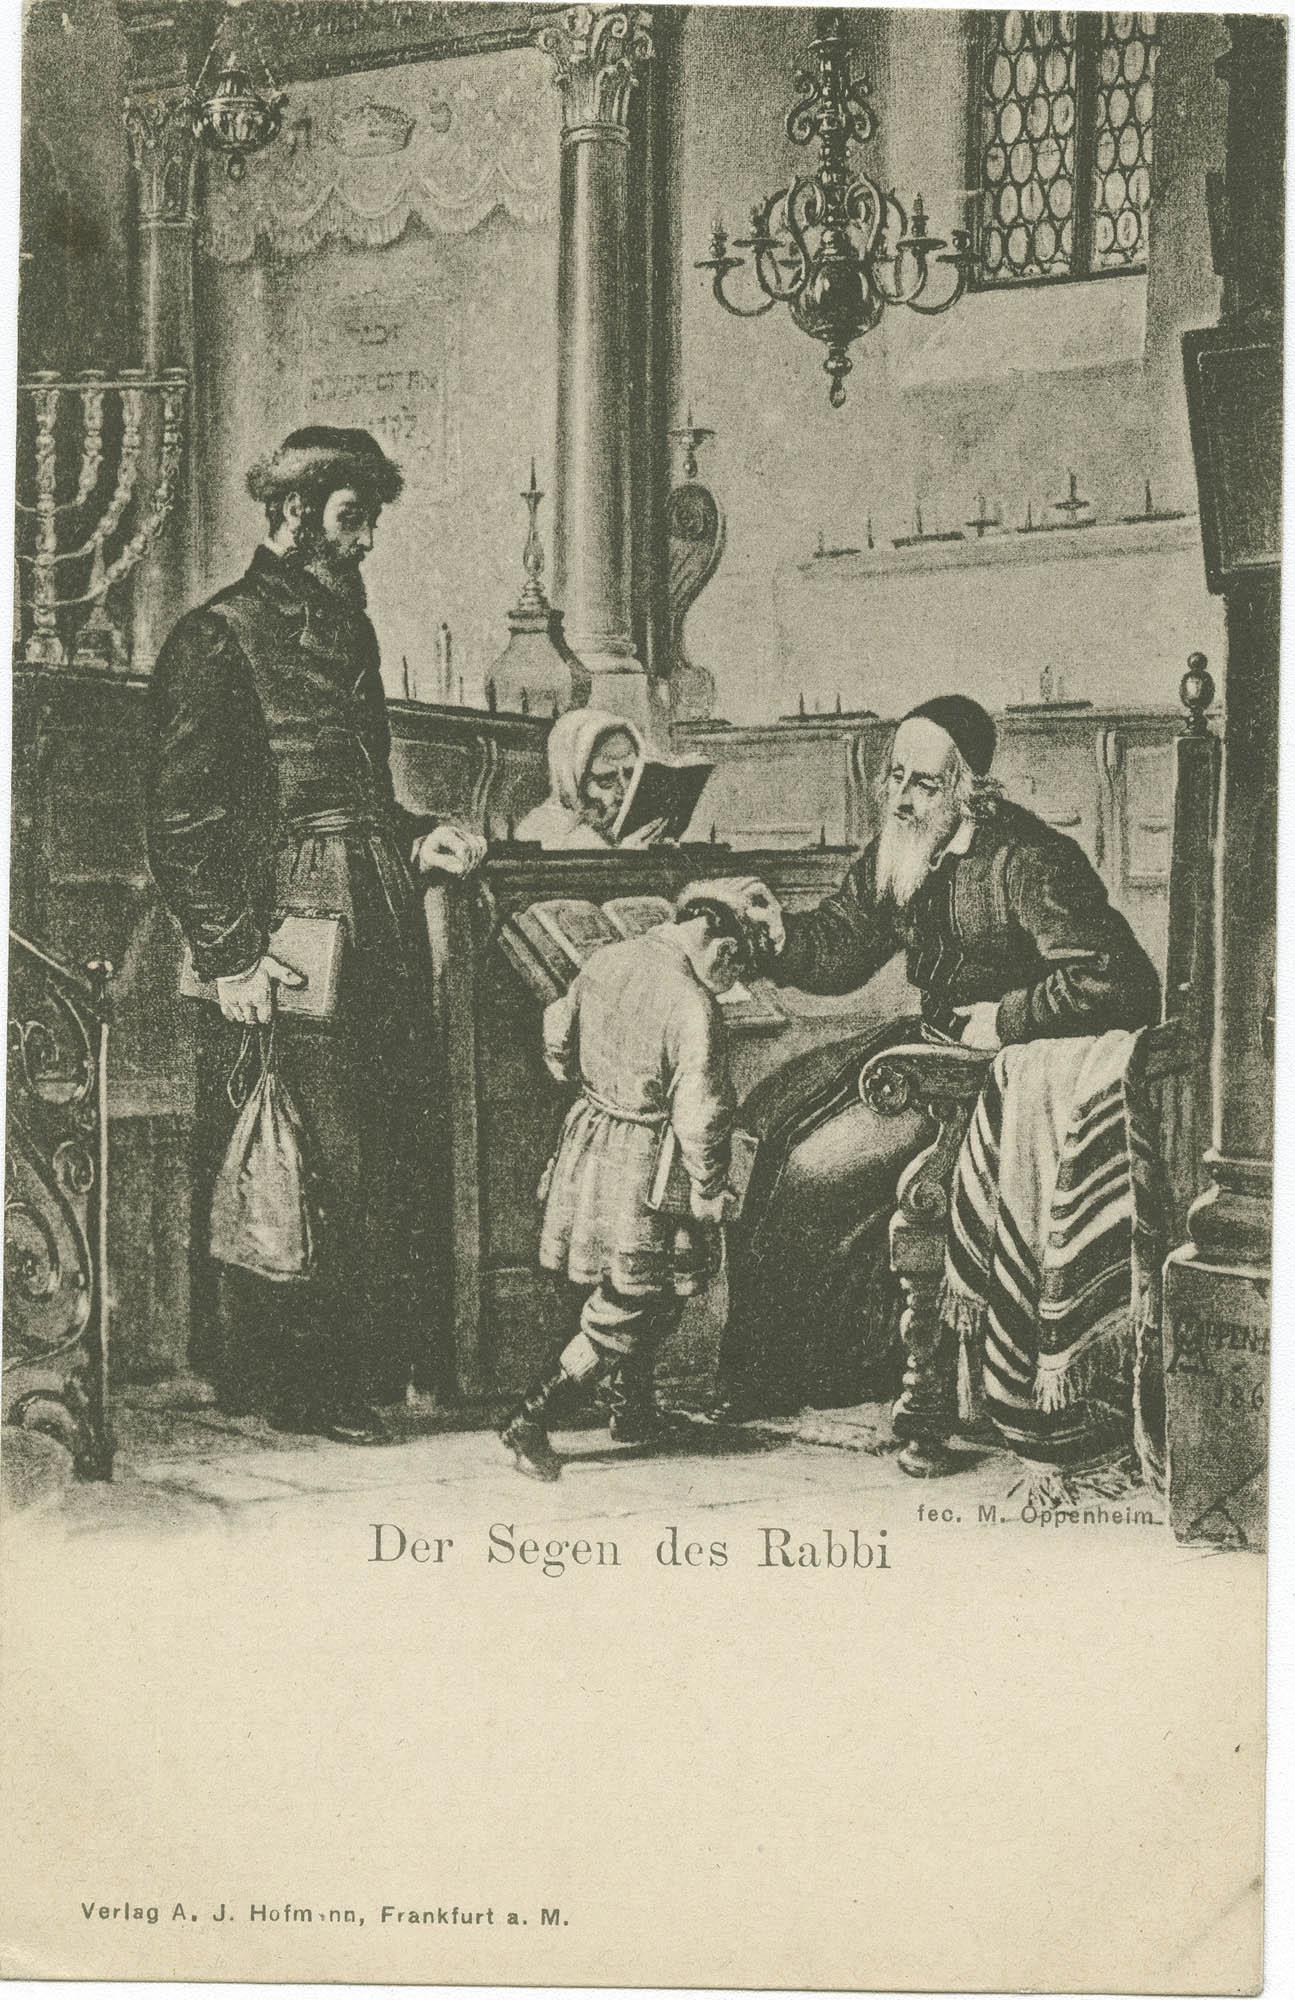 Der Segen des Rabbi